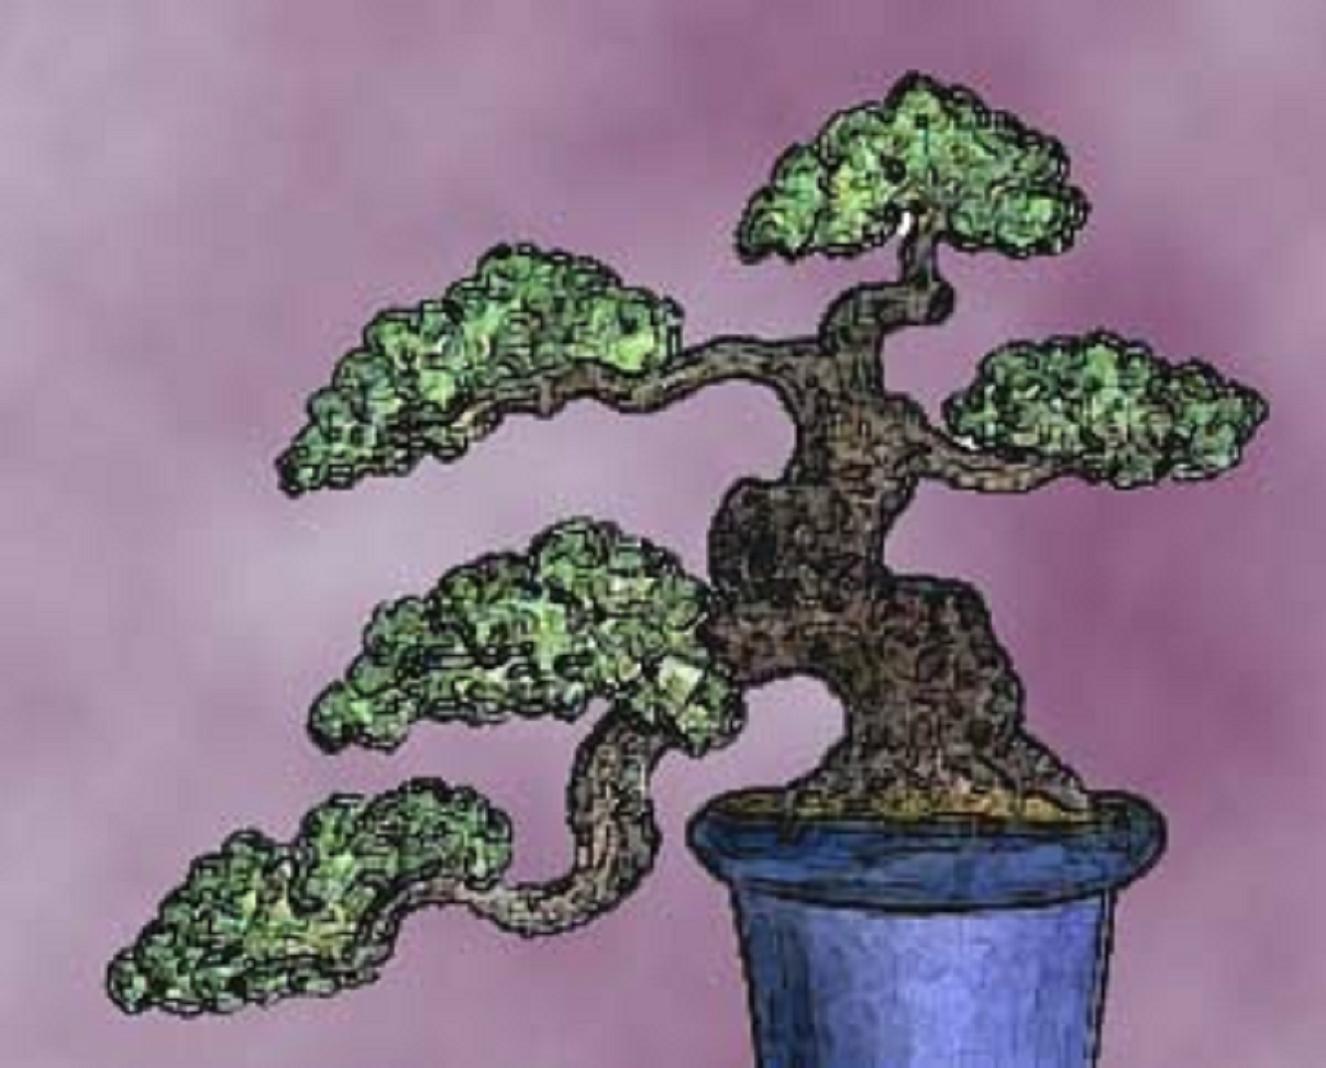 Τὸ δένδρο τῶν προβλημάτων.